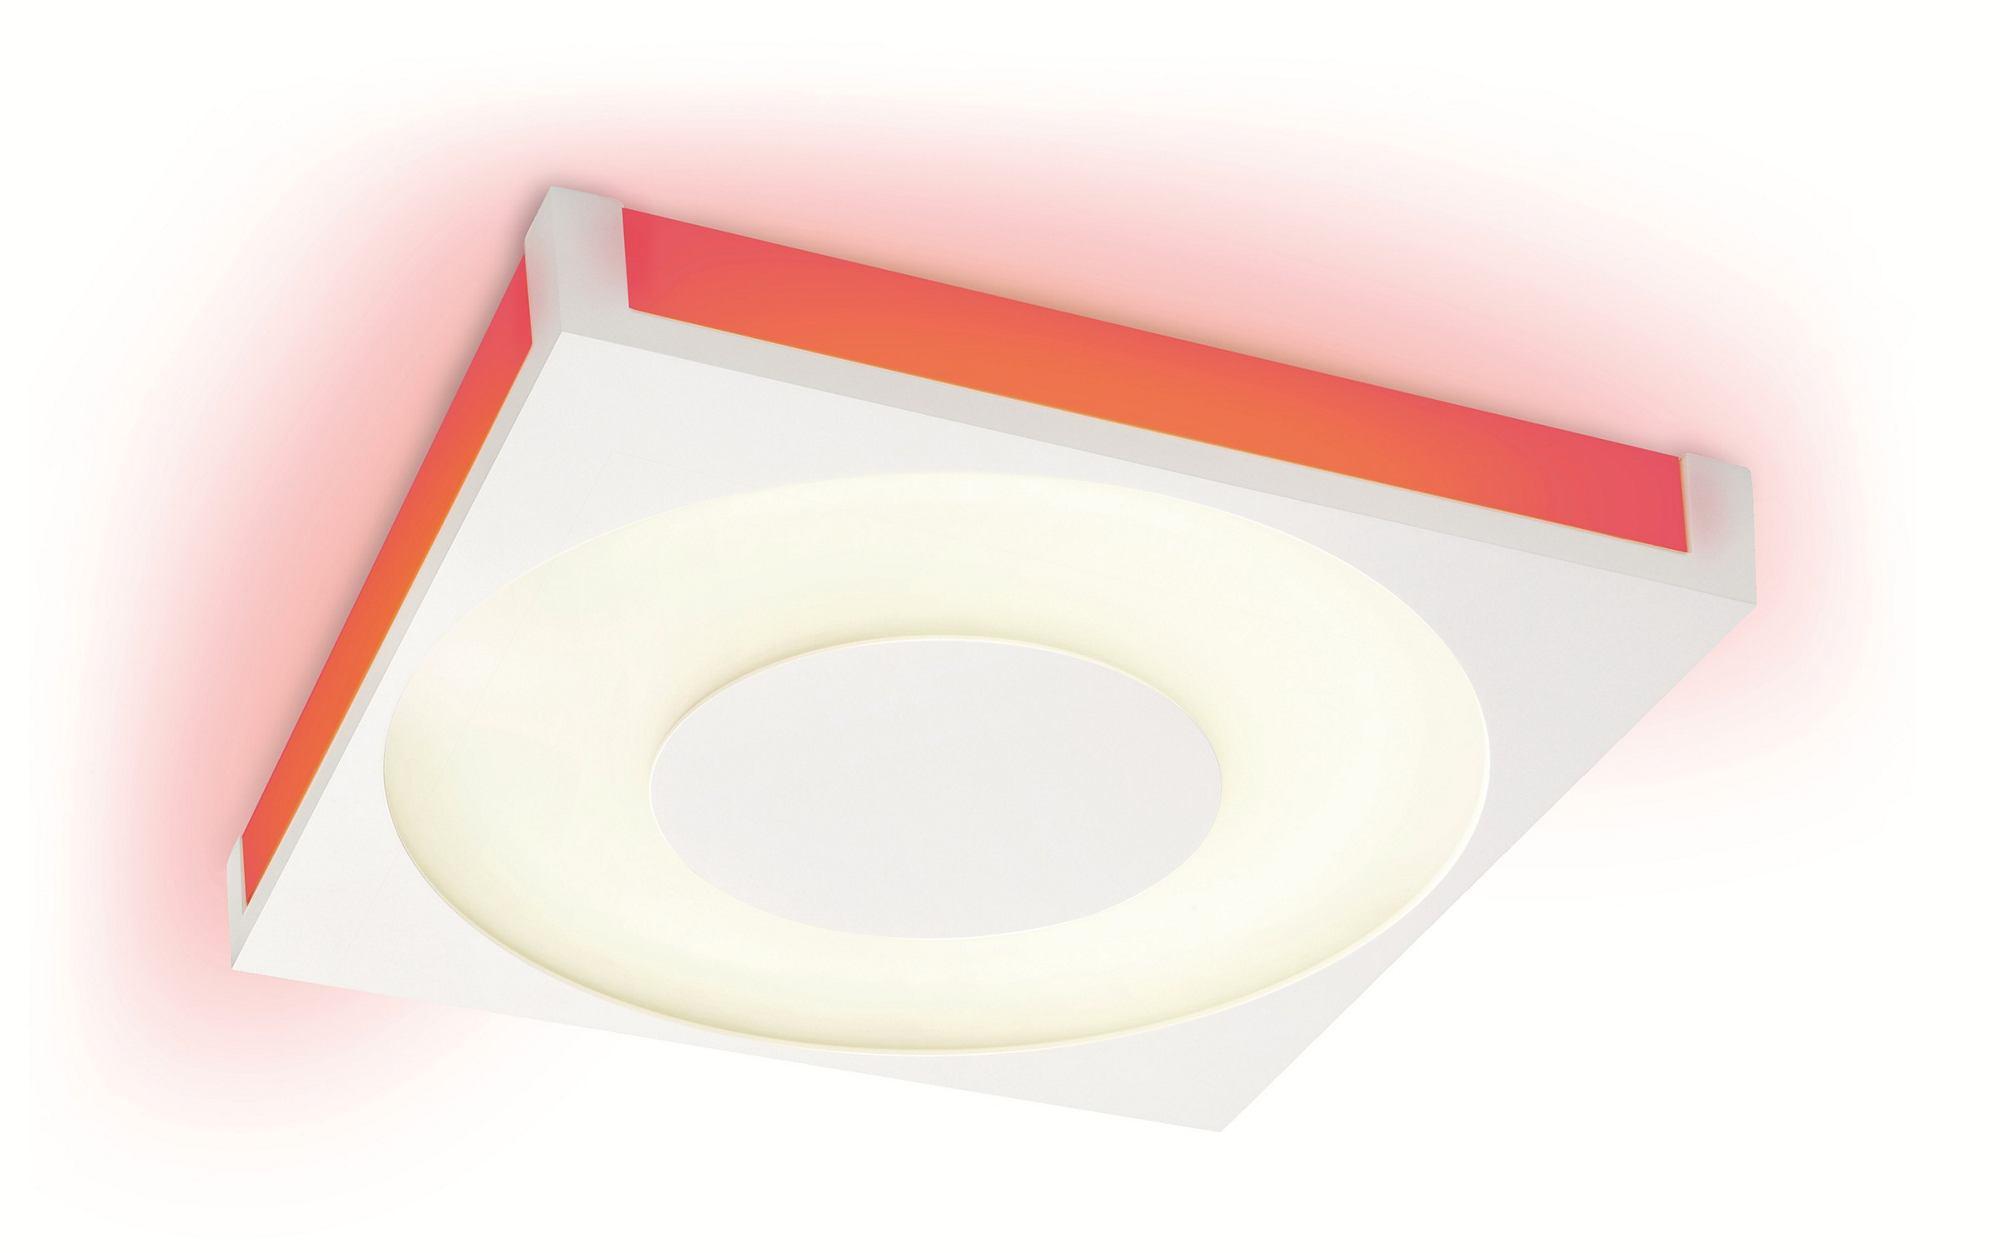 - Ecomoods - 32510/31 white ceiling